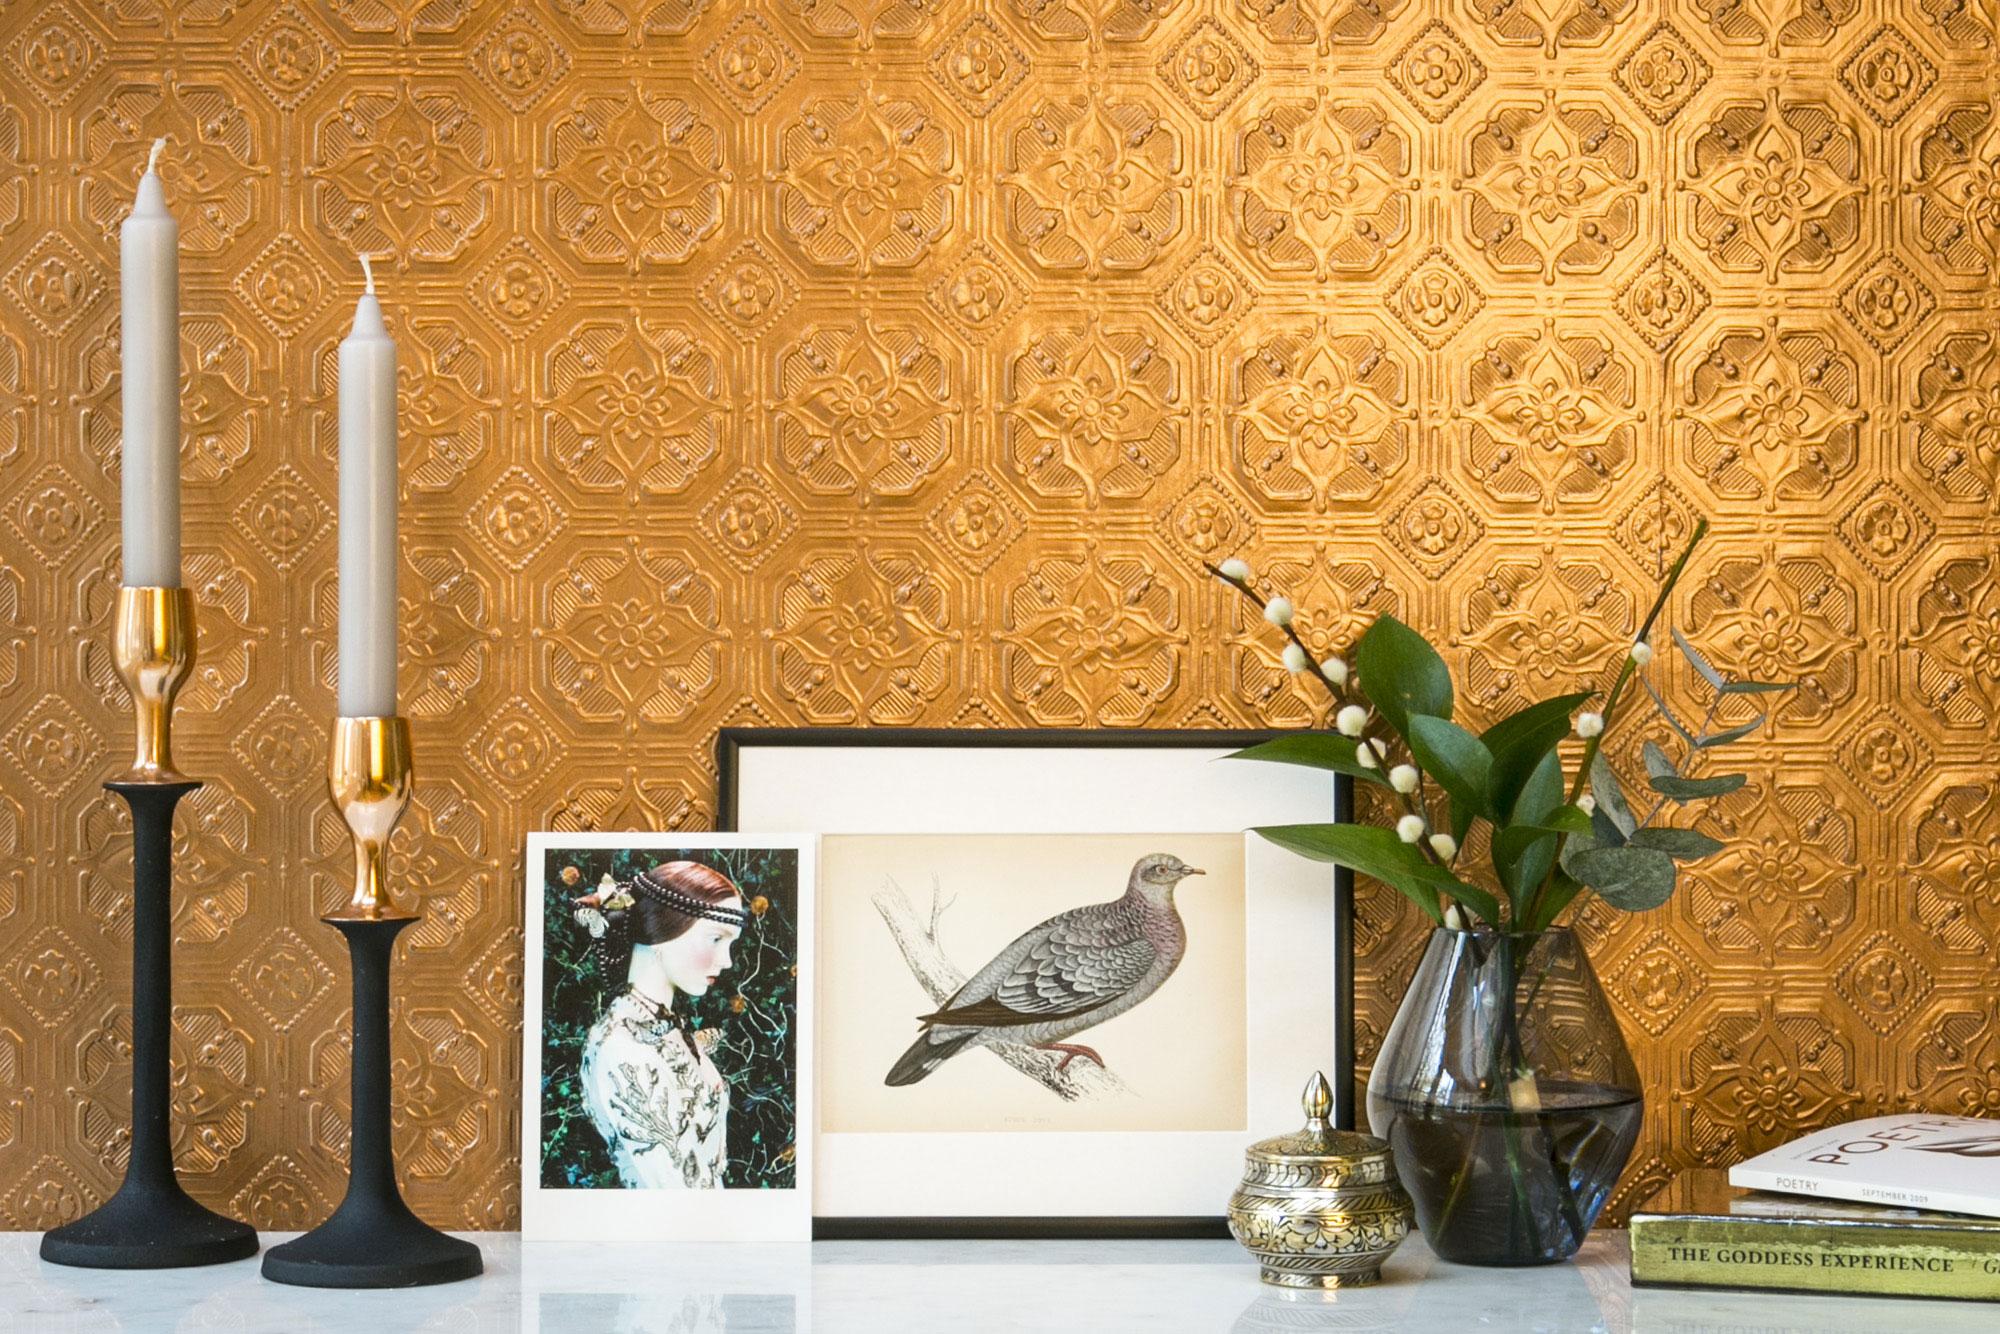 Wohnzimmer Wandgestaltung mit Anaglypta Tapete kupfer gold lackiert